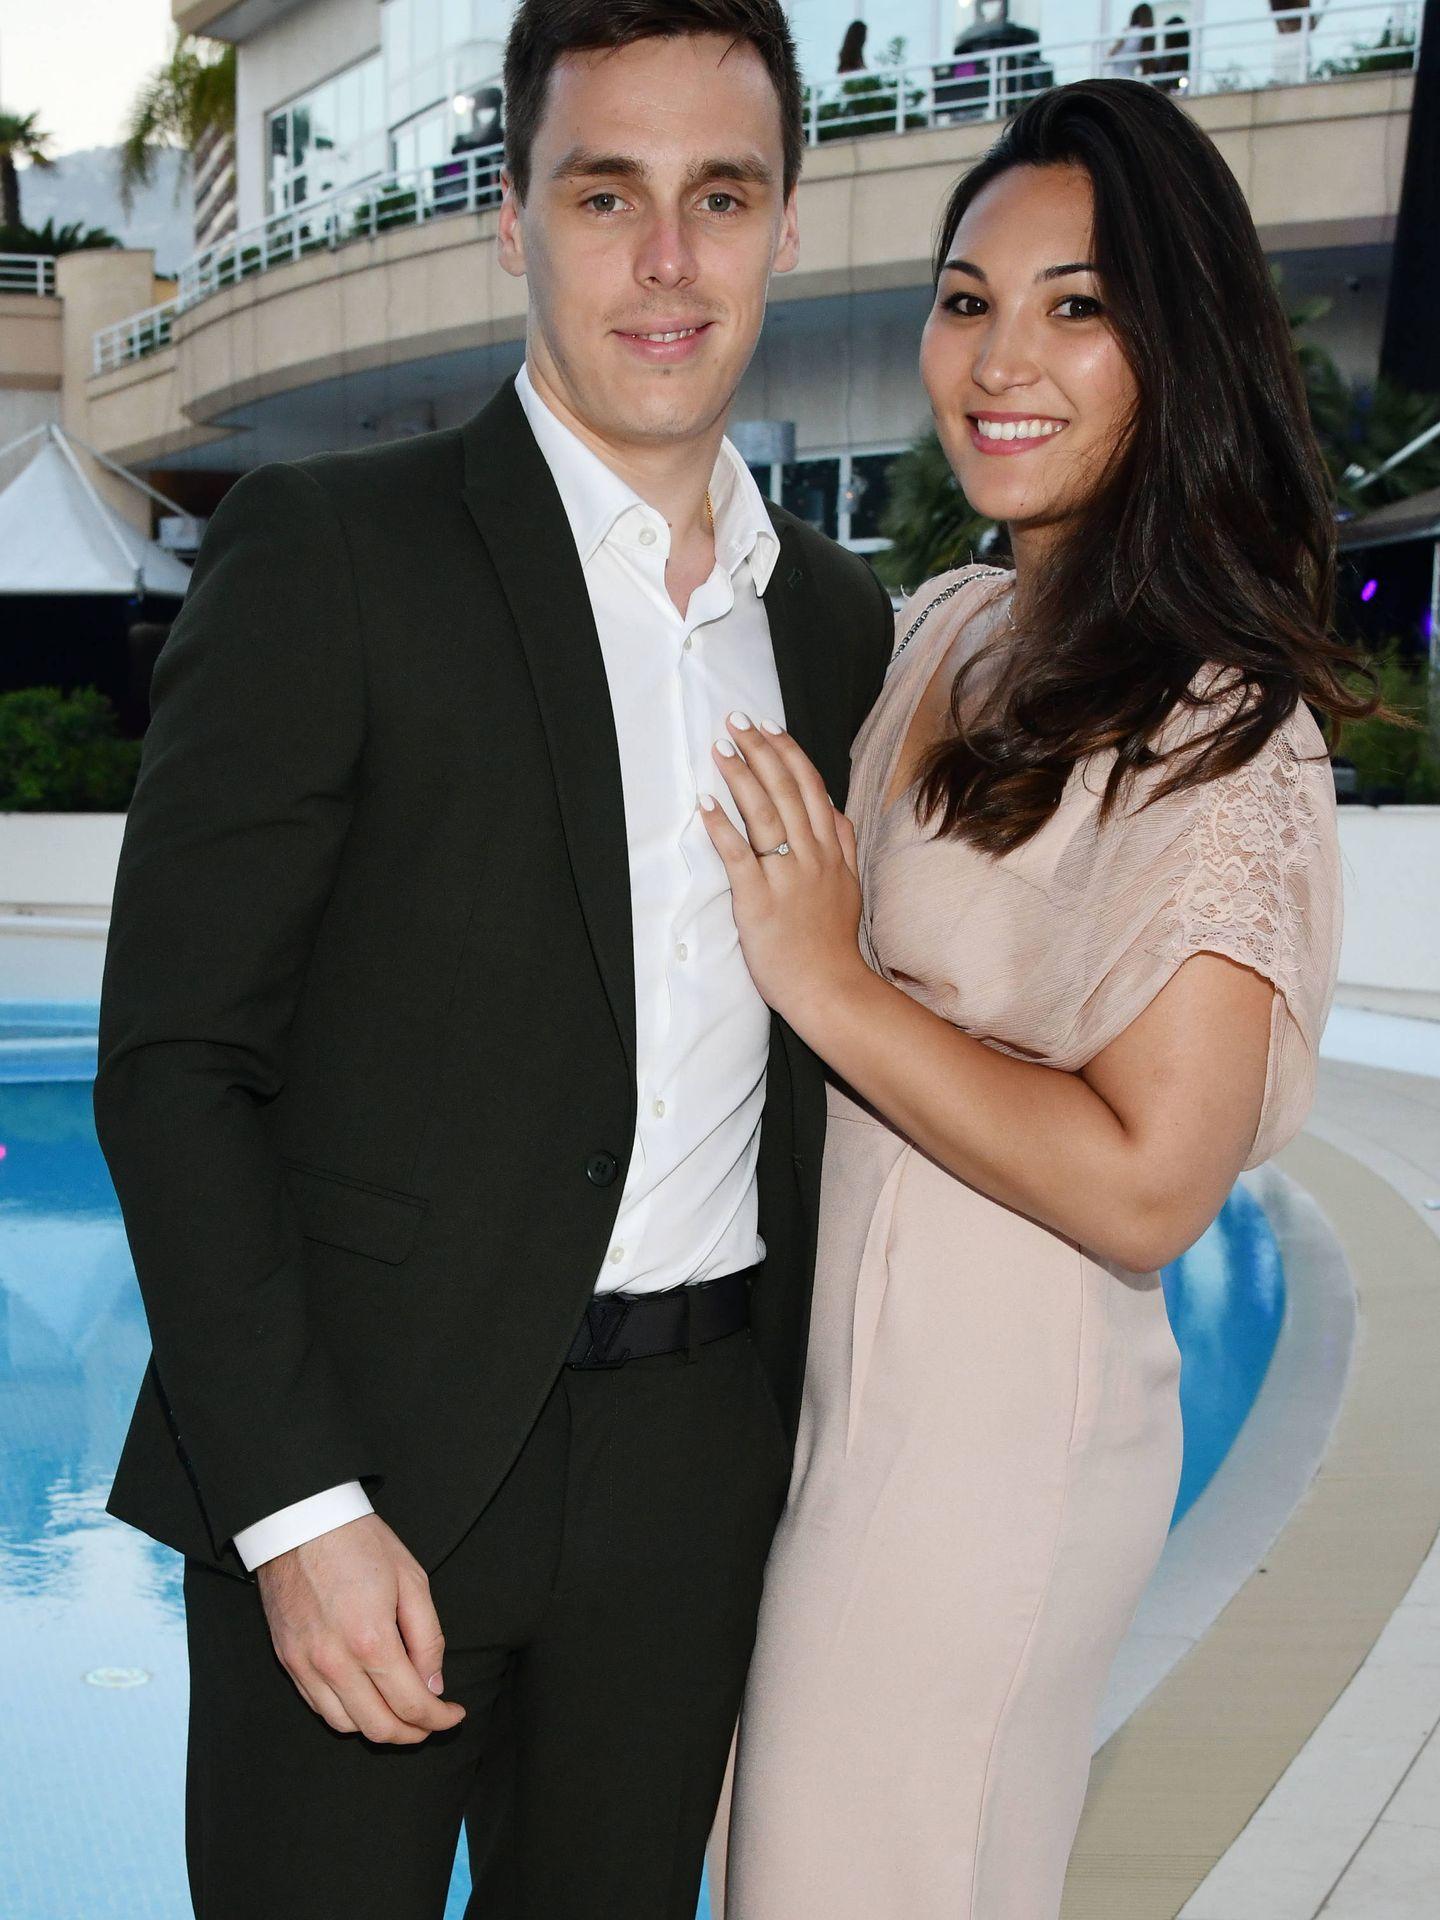 Louis Ducruet y su prometida, el pasado fin de semana en Mónaco. (Gtres)